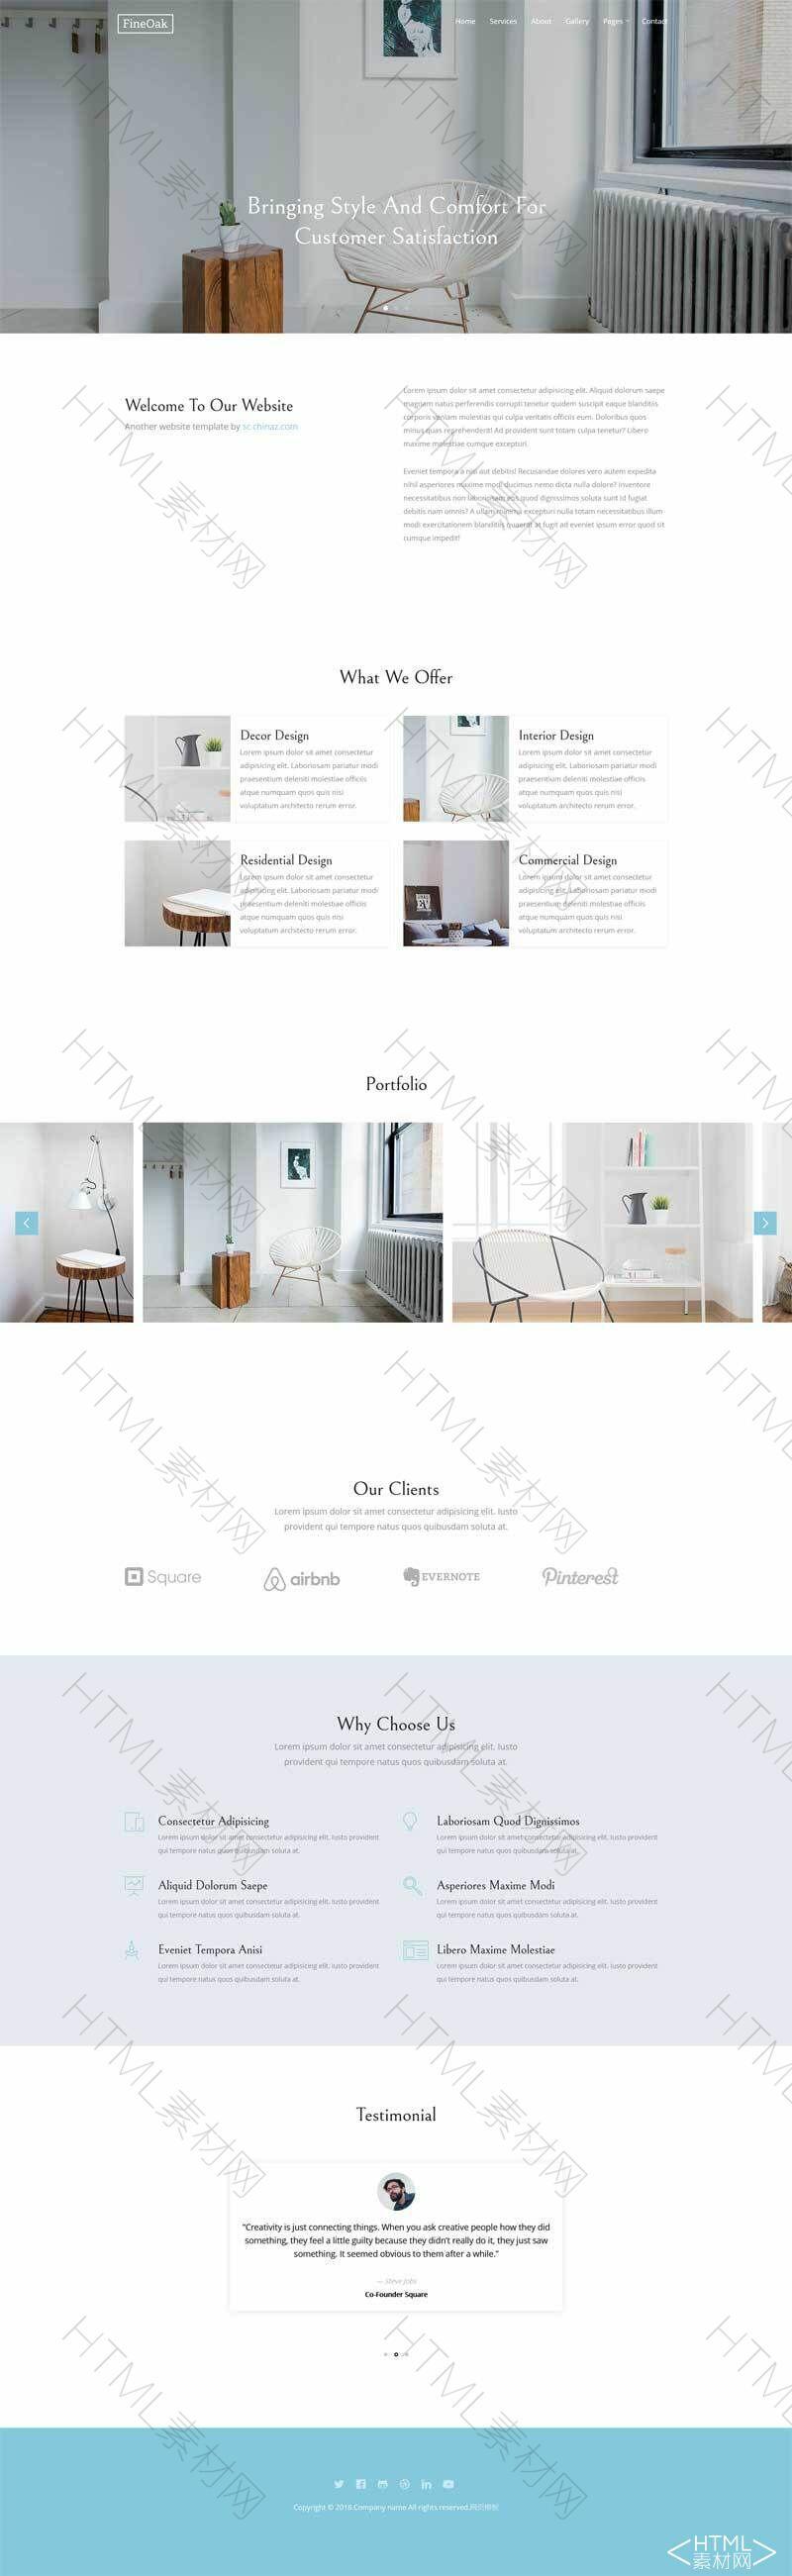 简洁的创意家居网站响应式模板.jpg